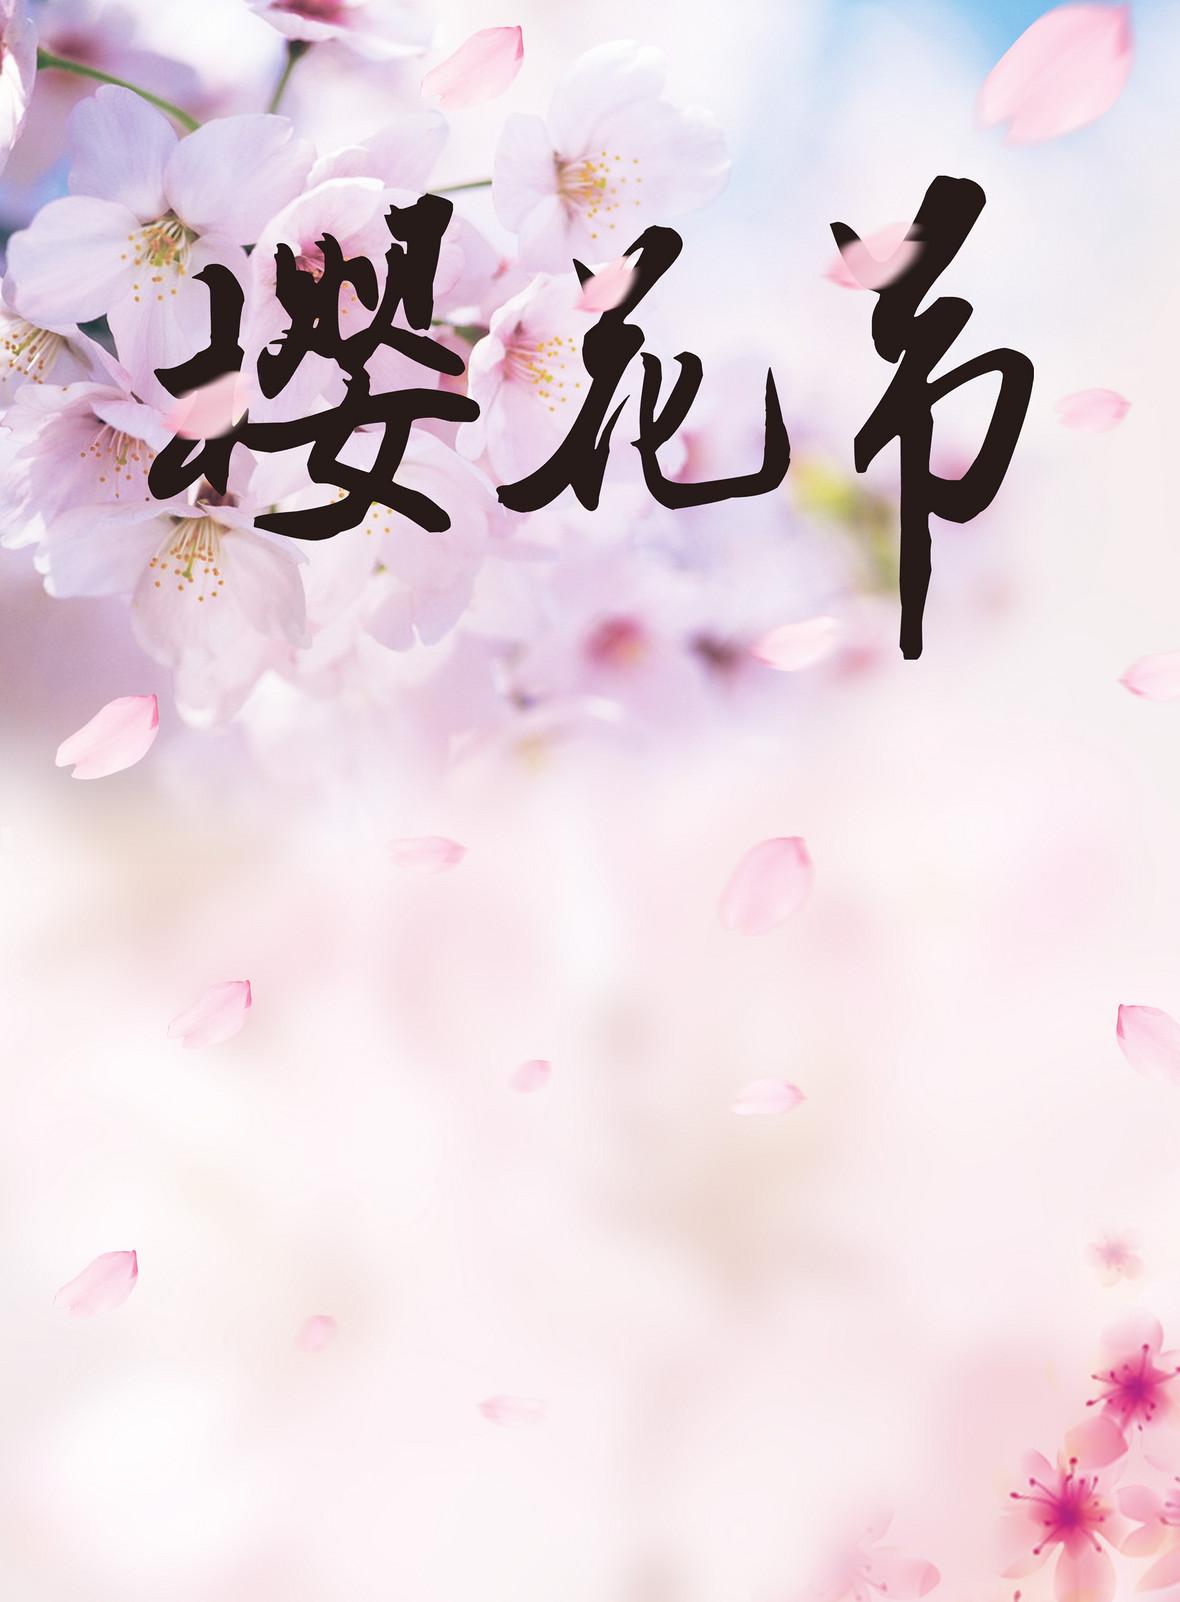 浪漫唯美樱花节背景素材